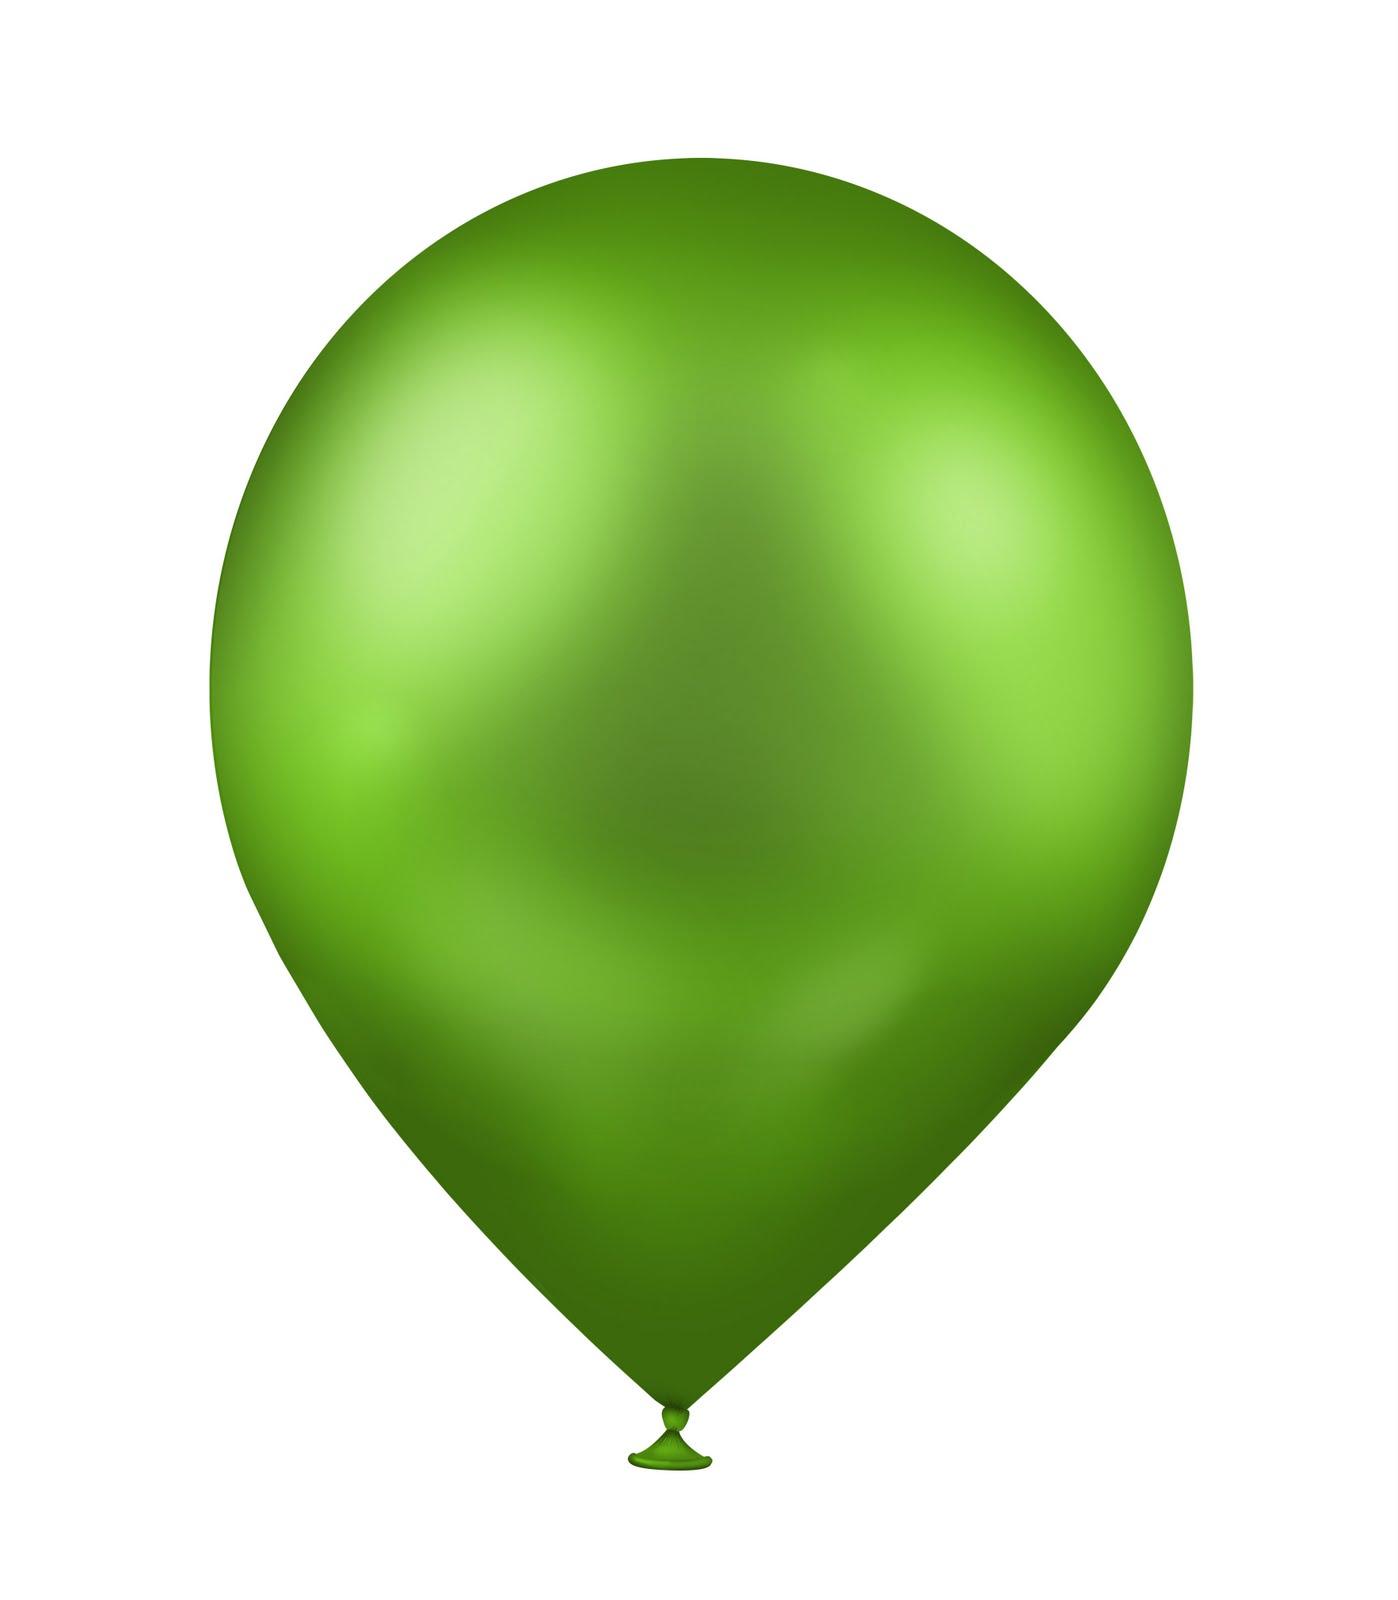 pareciera que este color es el ideal para brindar un efecto de frescura a la vista ya que es fcil de tolerar el color verde es propicio